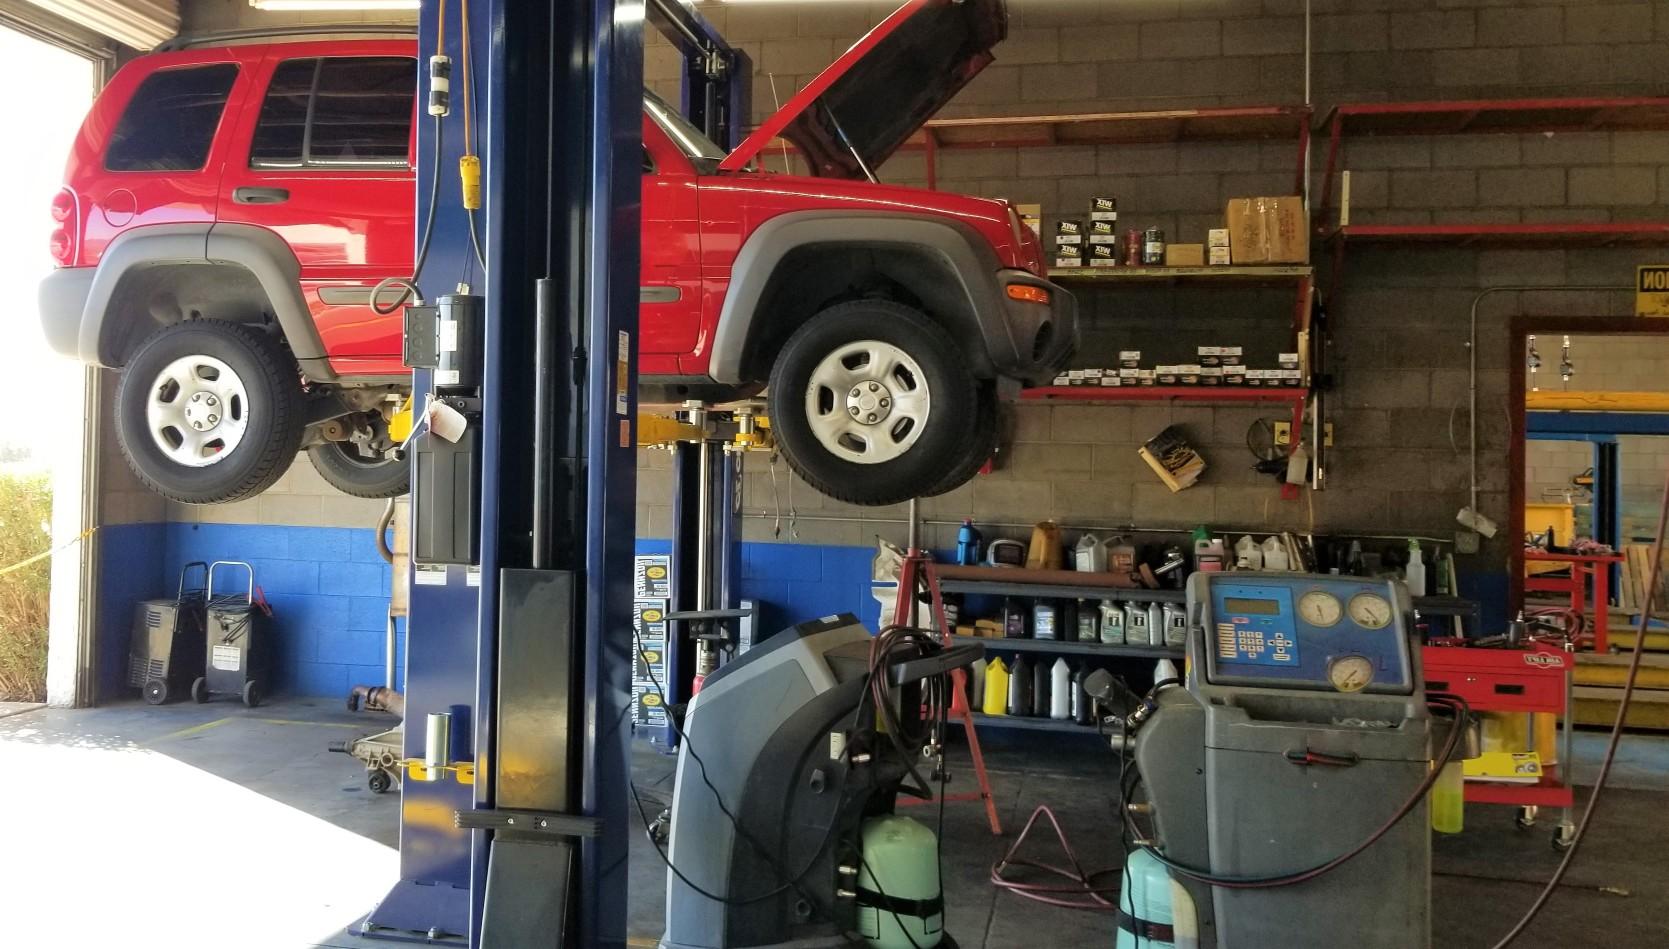 automotive-repair-garage-mechanic-work-on-vehicles-in-an-automotive-repair-shop-vehicles-up-on-lifts_t20_gRbBKG